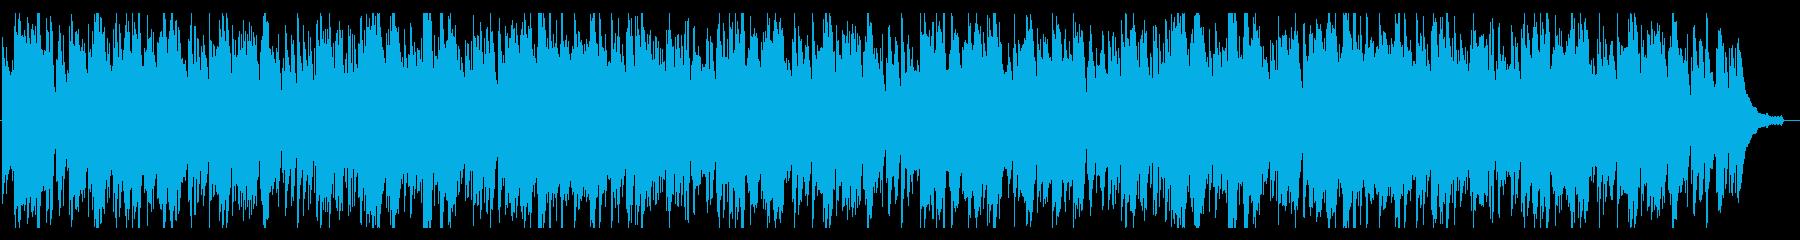 ピアノソロ スロウで重いブルースの再生済みの波形